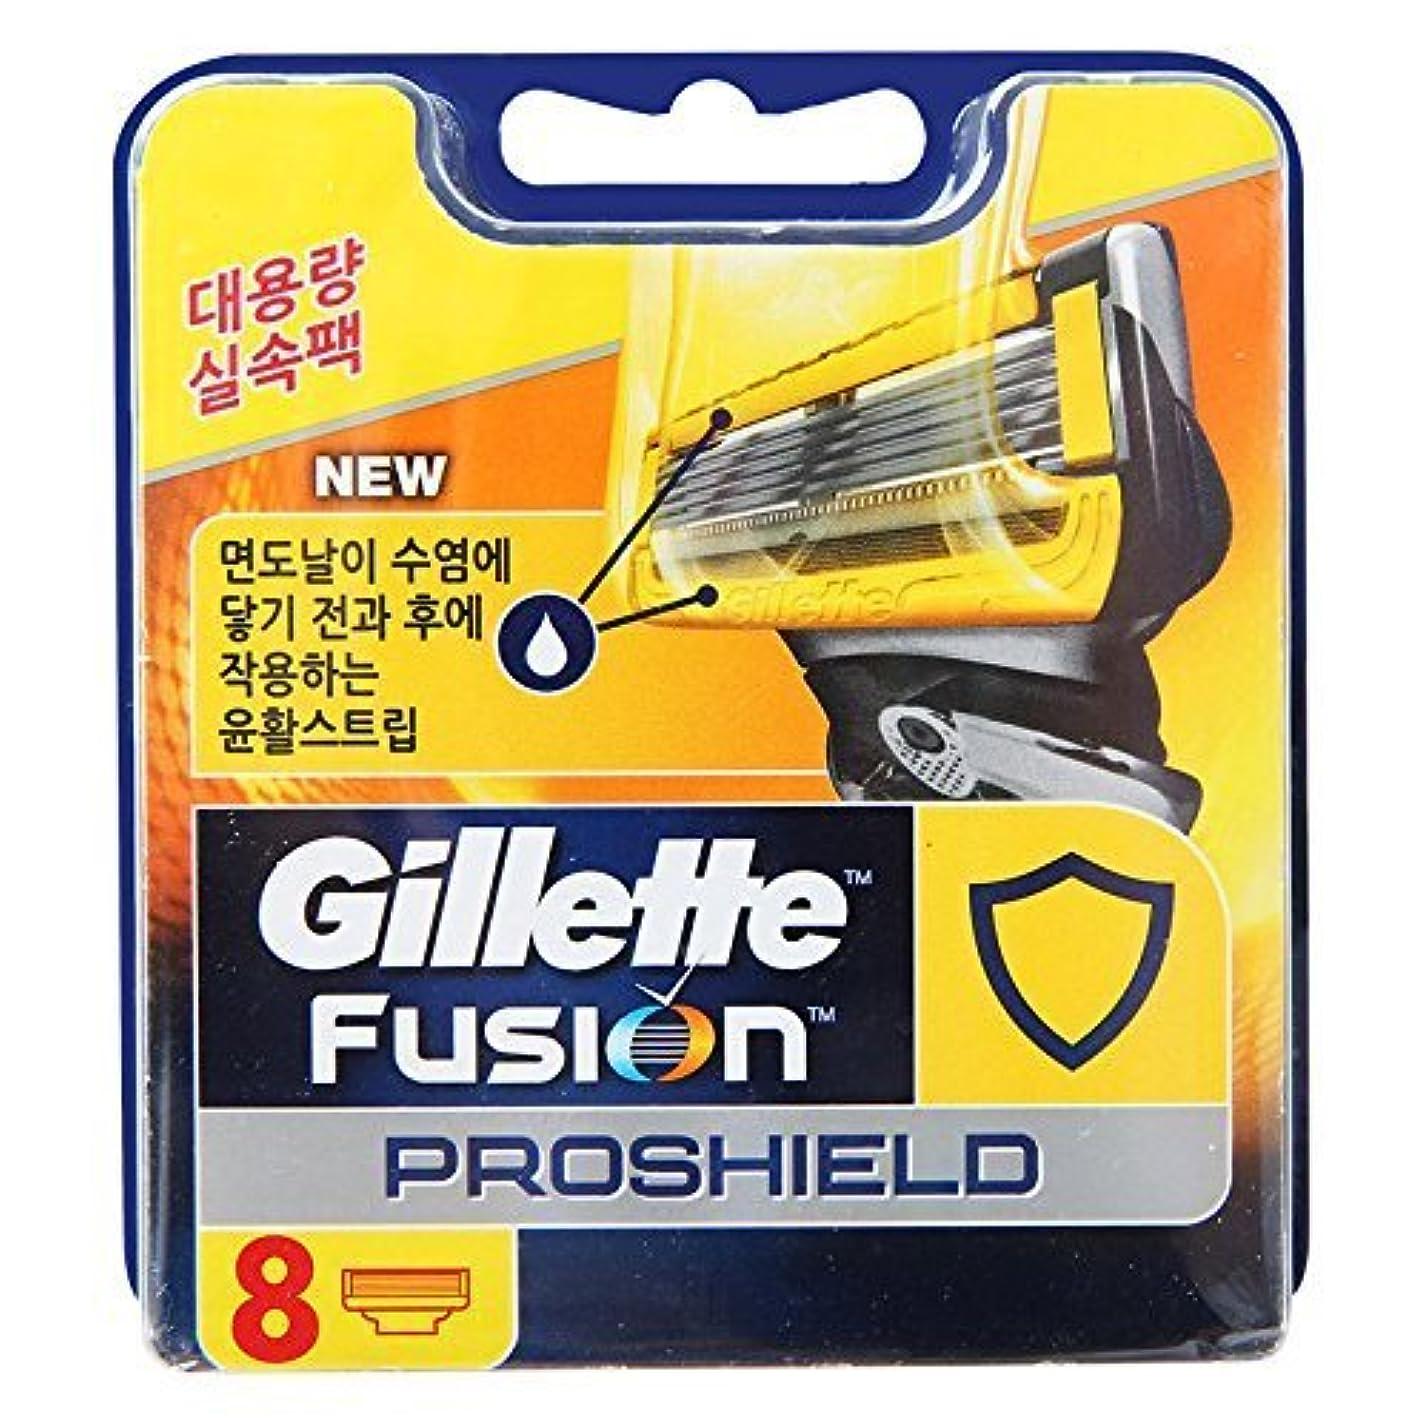 ビルダー平均味わうGillette Fusion Proshield Yellow Men's Razor Blade 8 Pack / ドイツ製 [並行輸入品]